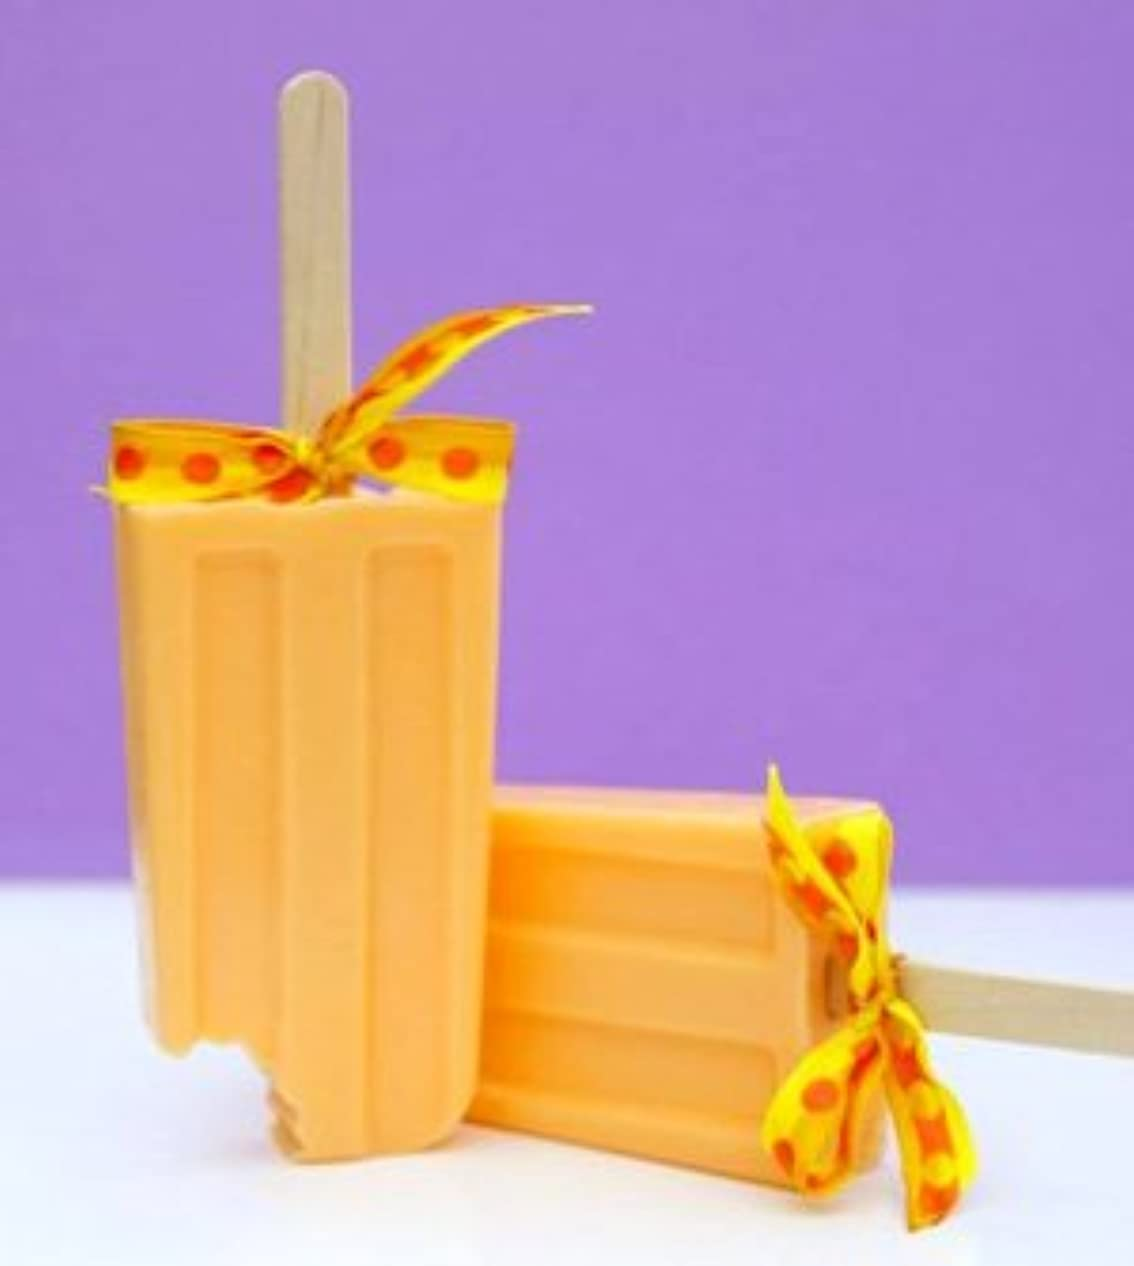 矛盾満足できる計画的soapy love(ソーピーラブ) Orange オレンジ セッケン ソープ ギフト プレゼント 石鹸 H14×W5×D2cm  (orange)